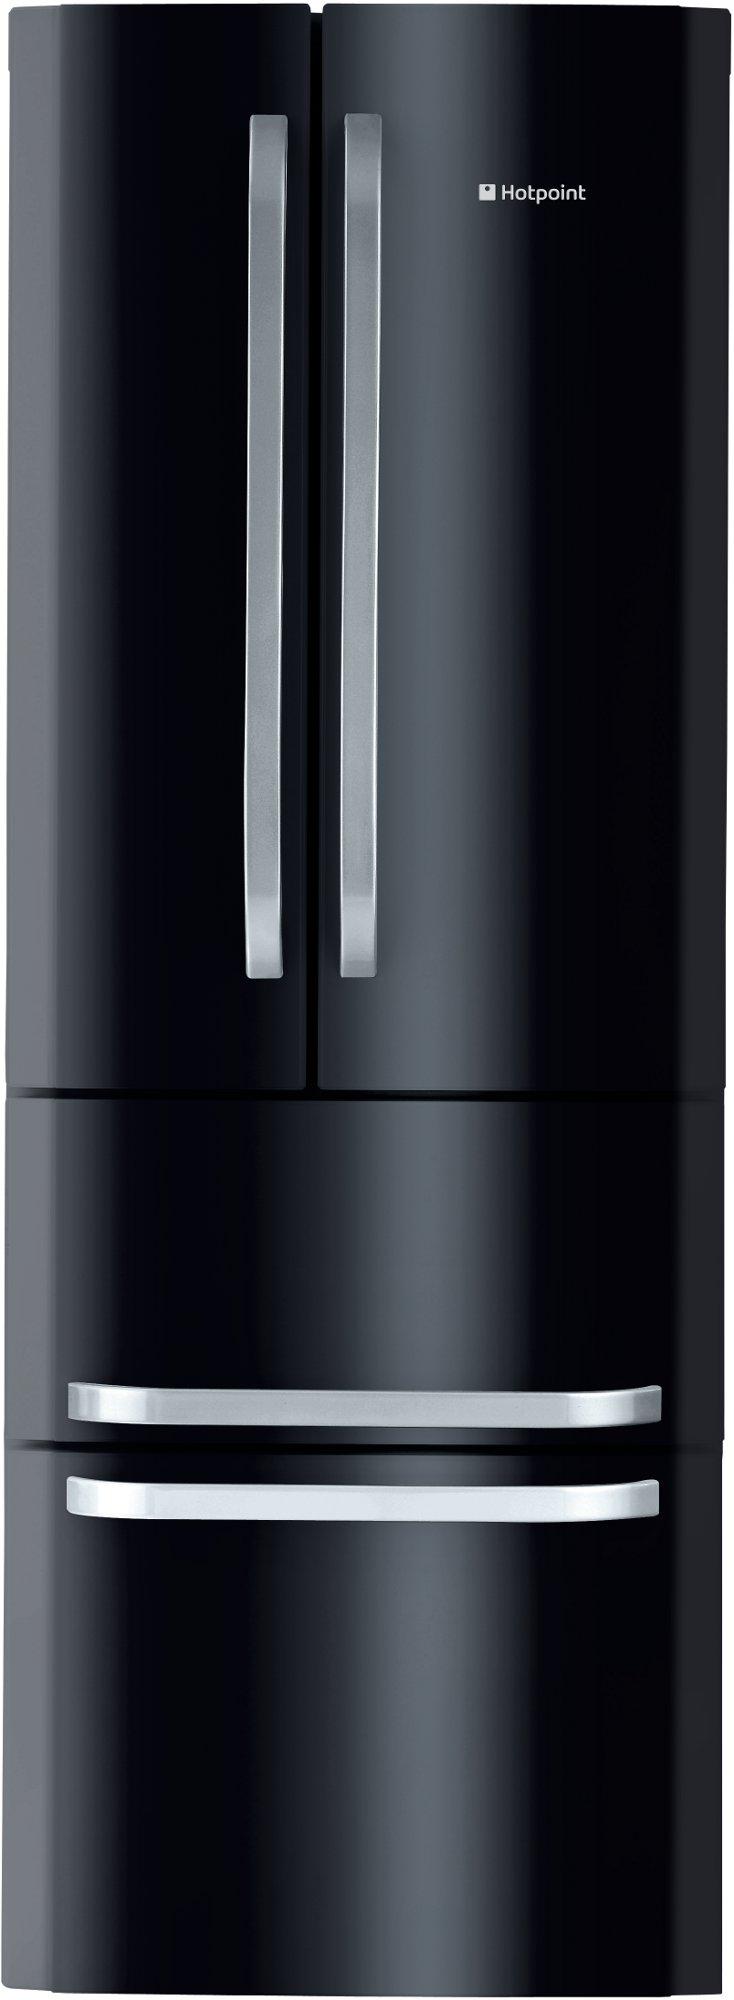 R frig rateur cong lateur froid ventil noir appareils for Frigo ventile ou brasse